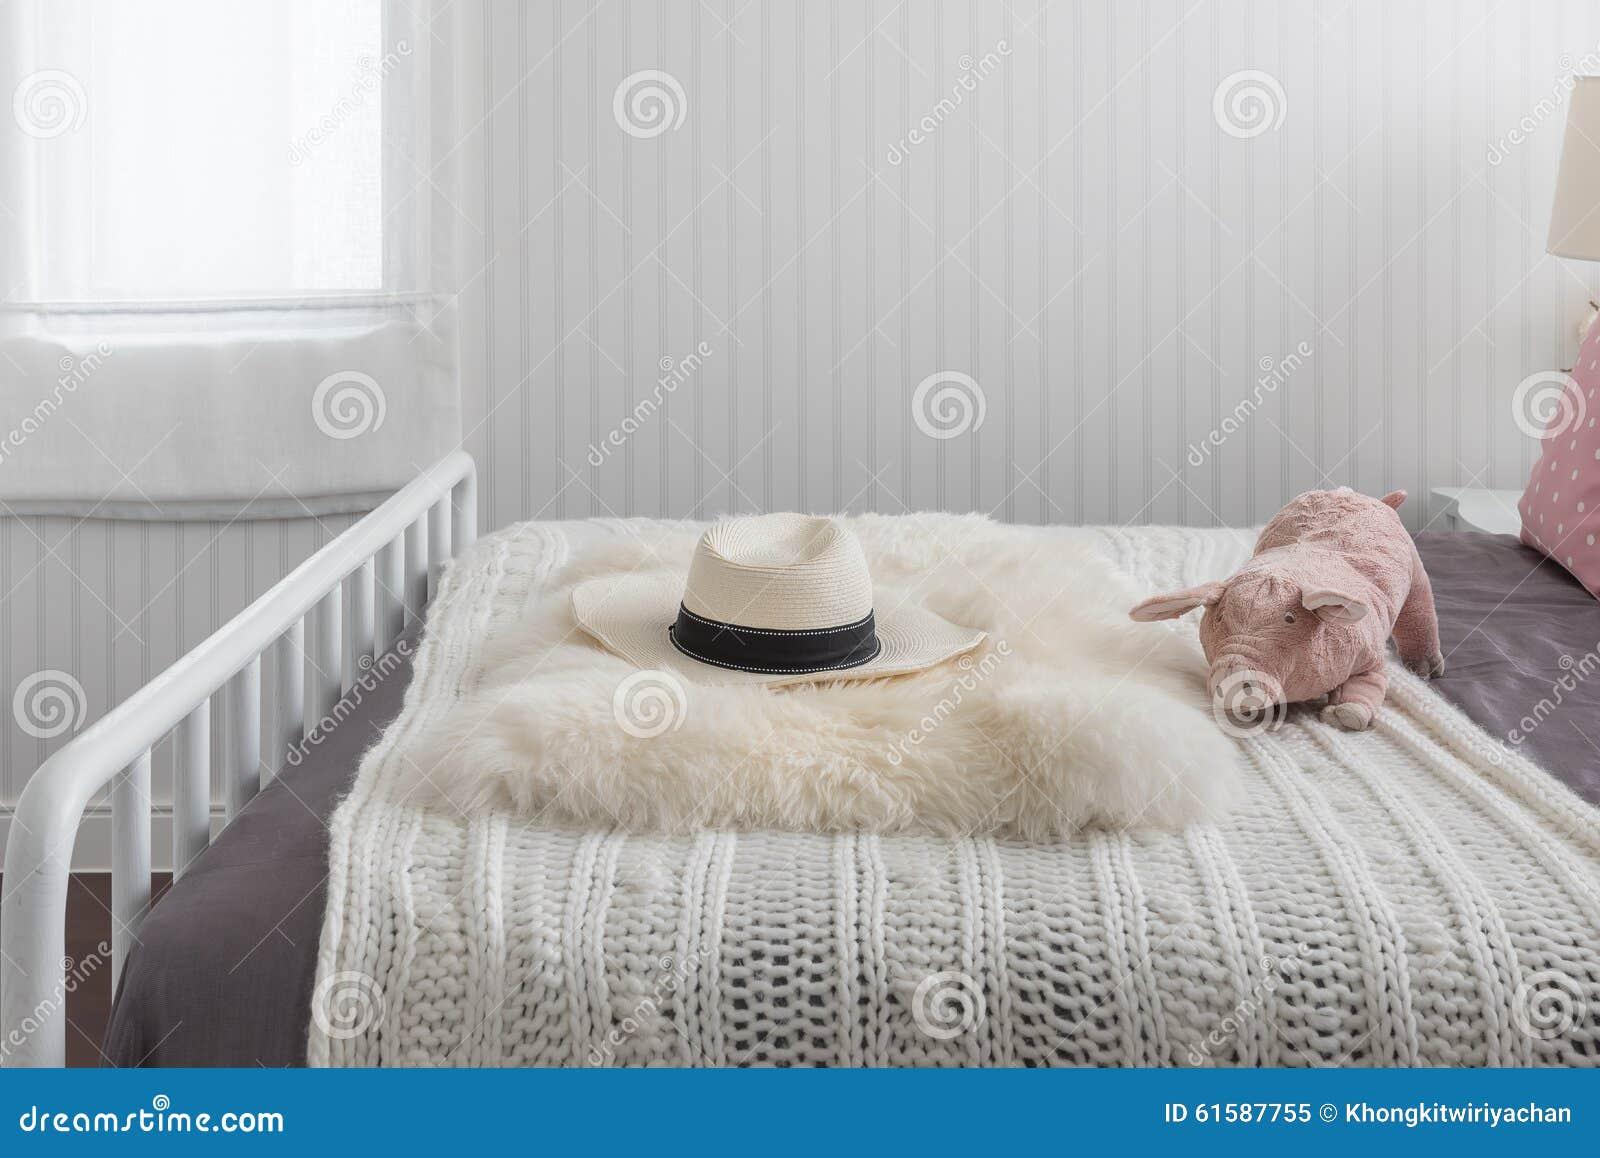 Letti singoli in legno grezzo : letti matrimoniali in legno grezzo ...